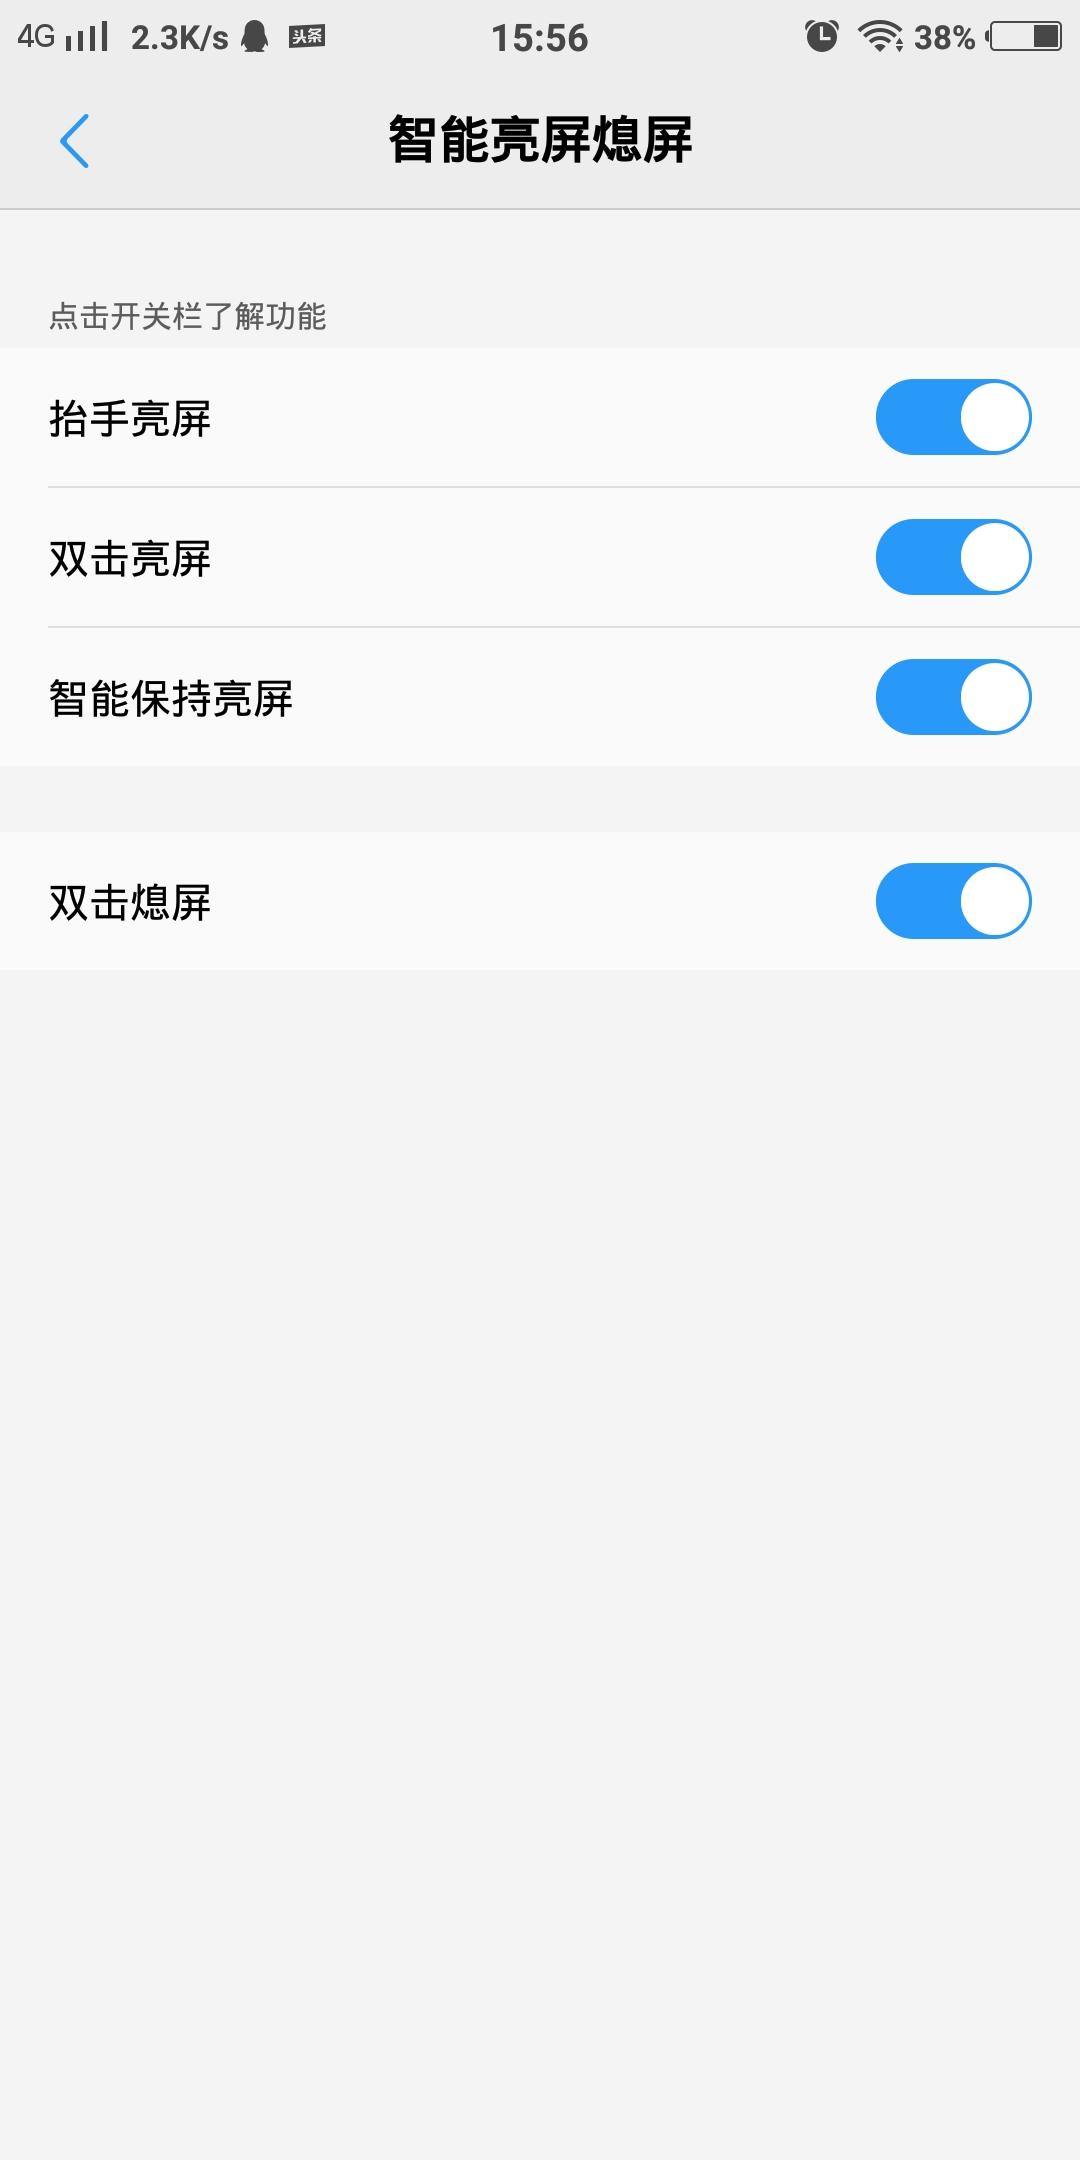 Screenshot_20180105_155627.jpg